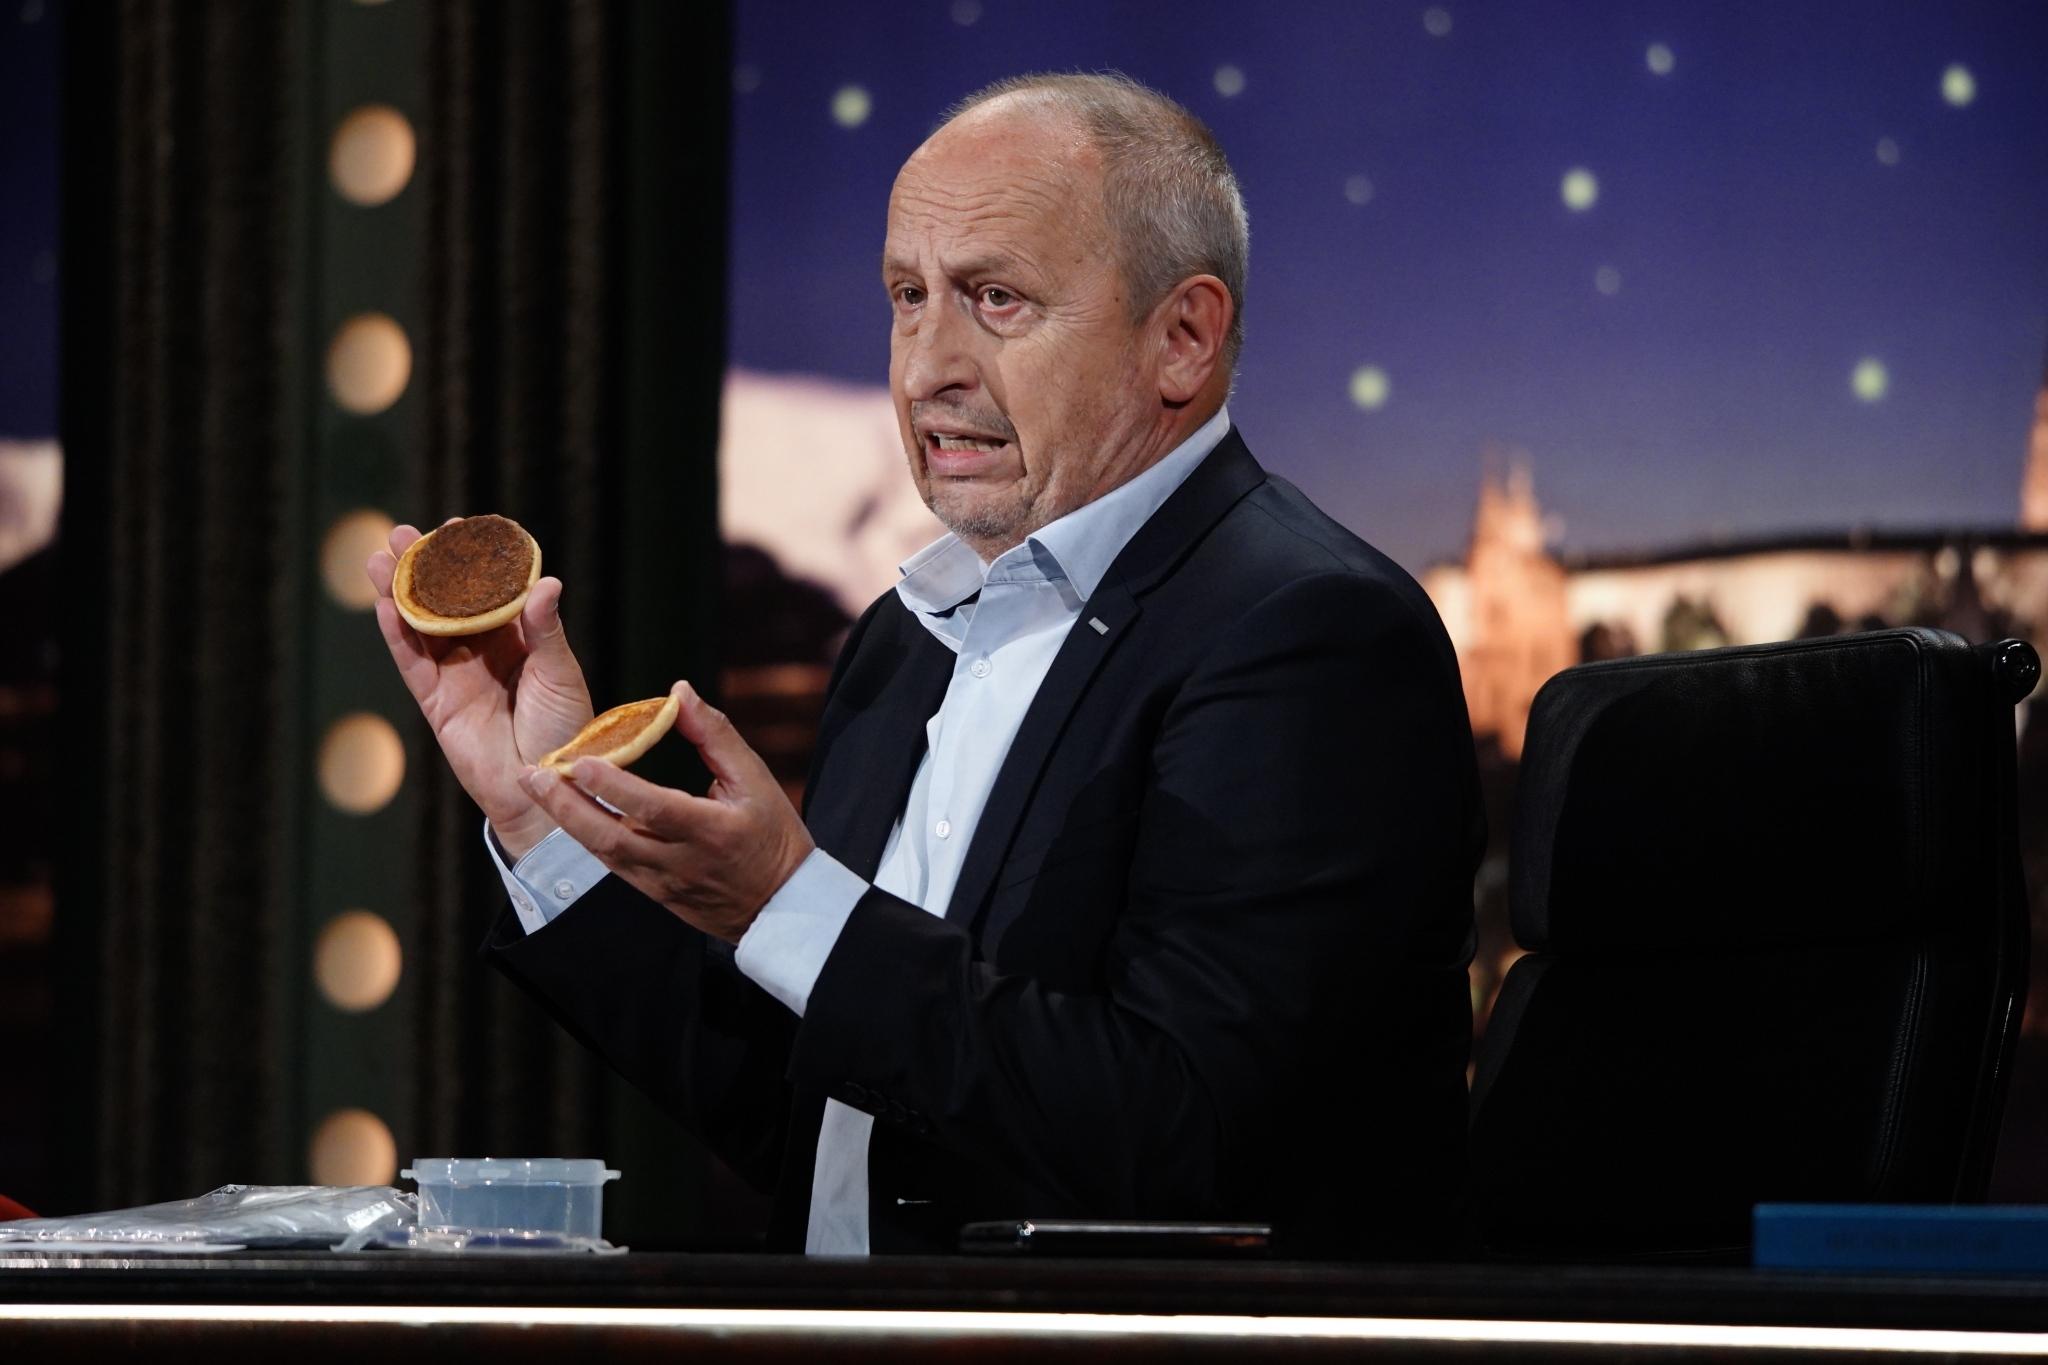 Pětiletý hamburger bez známek mikroflóry v rukou Jana Krause, SJK 16. 9. 2020